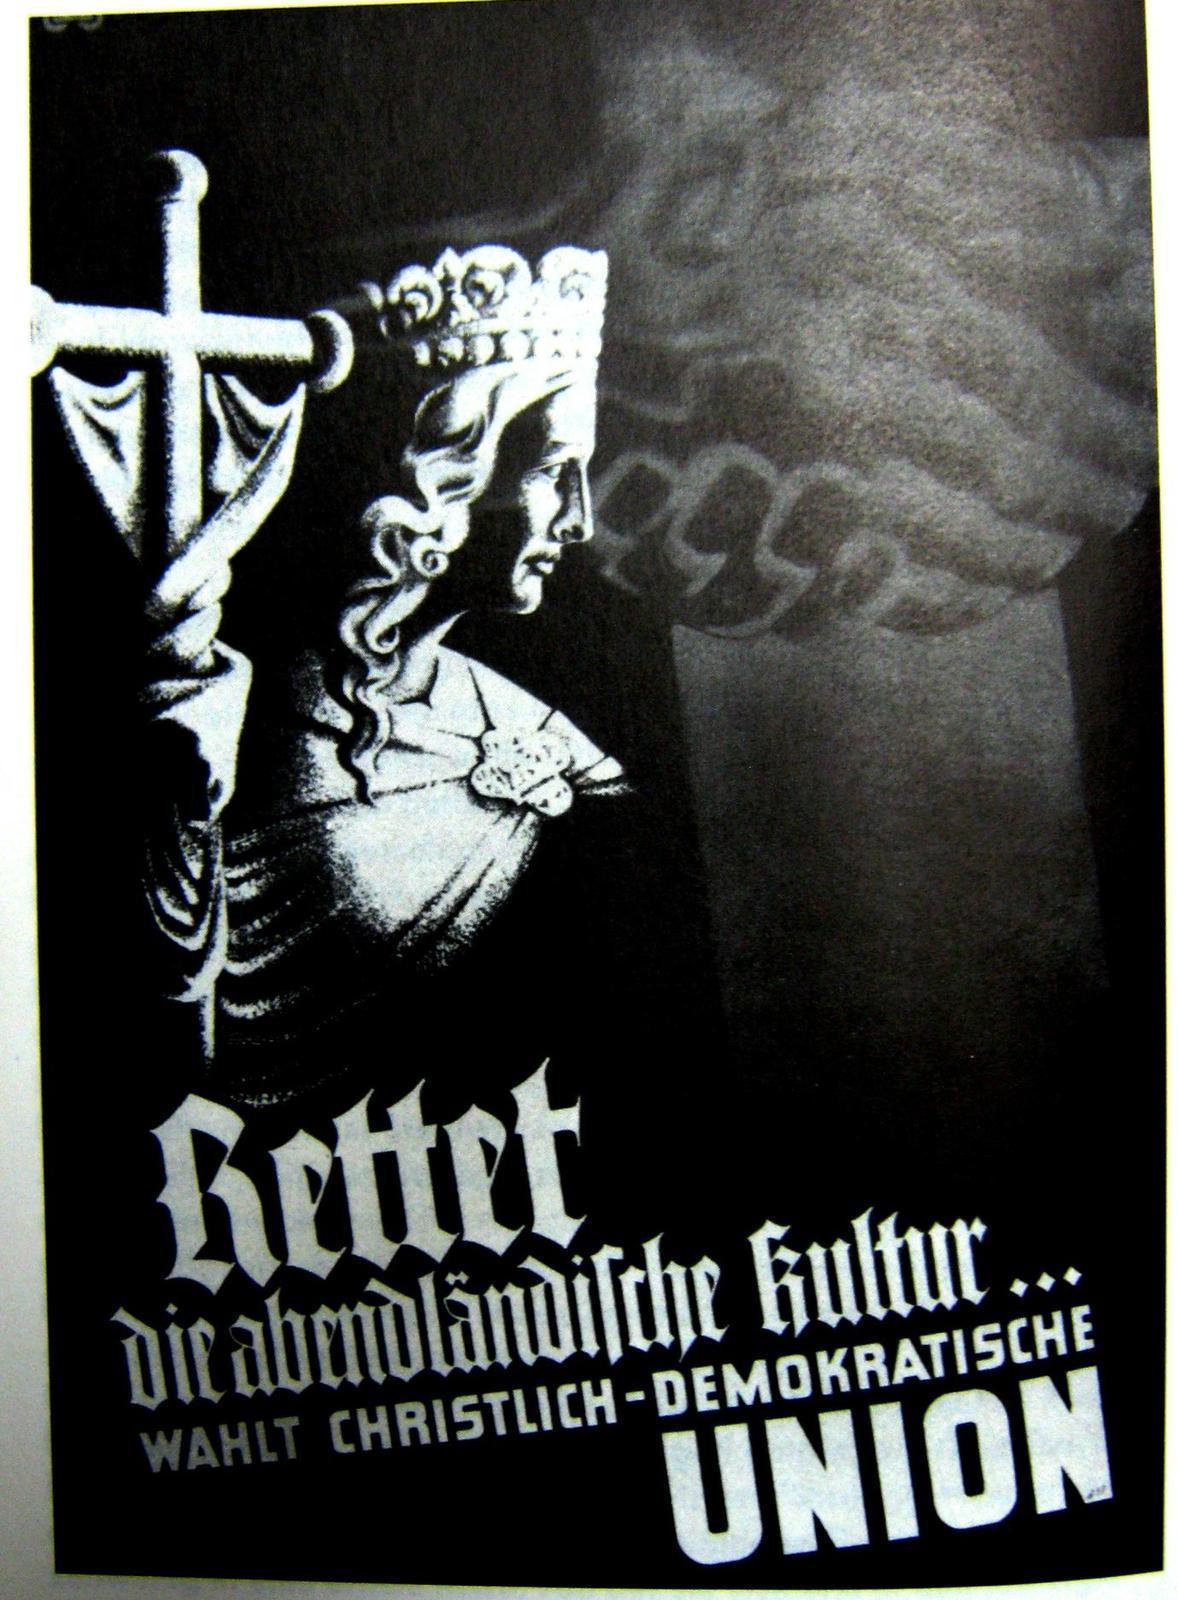 Nazi CDU1